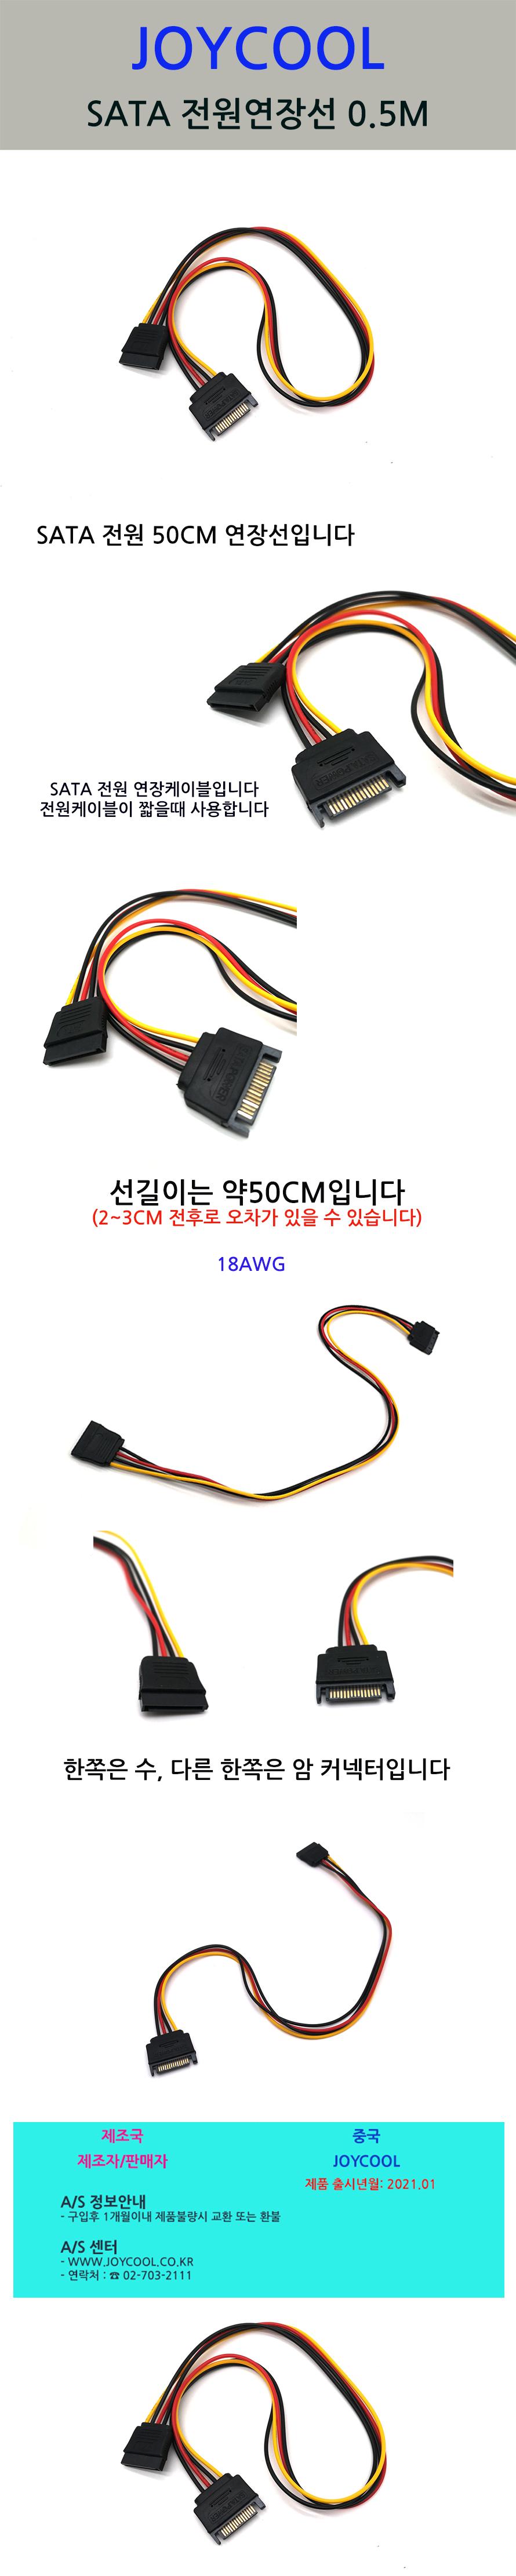 조이쿨 조이쿨 SATA 전원 연장 케이블 (0.5m)